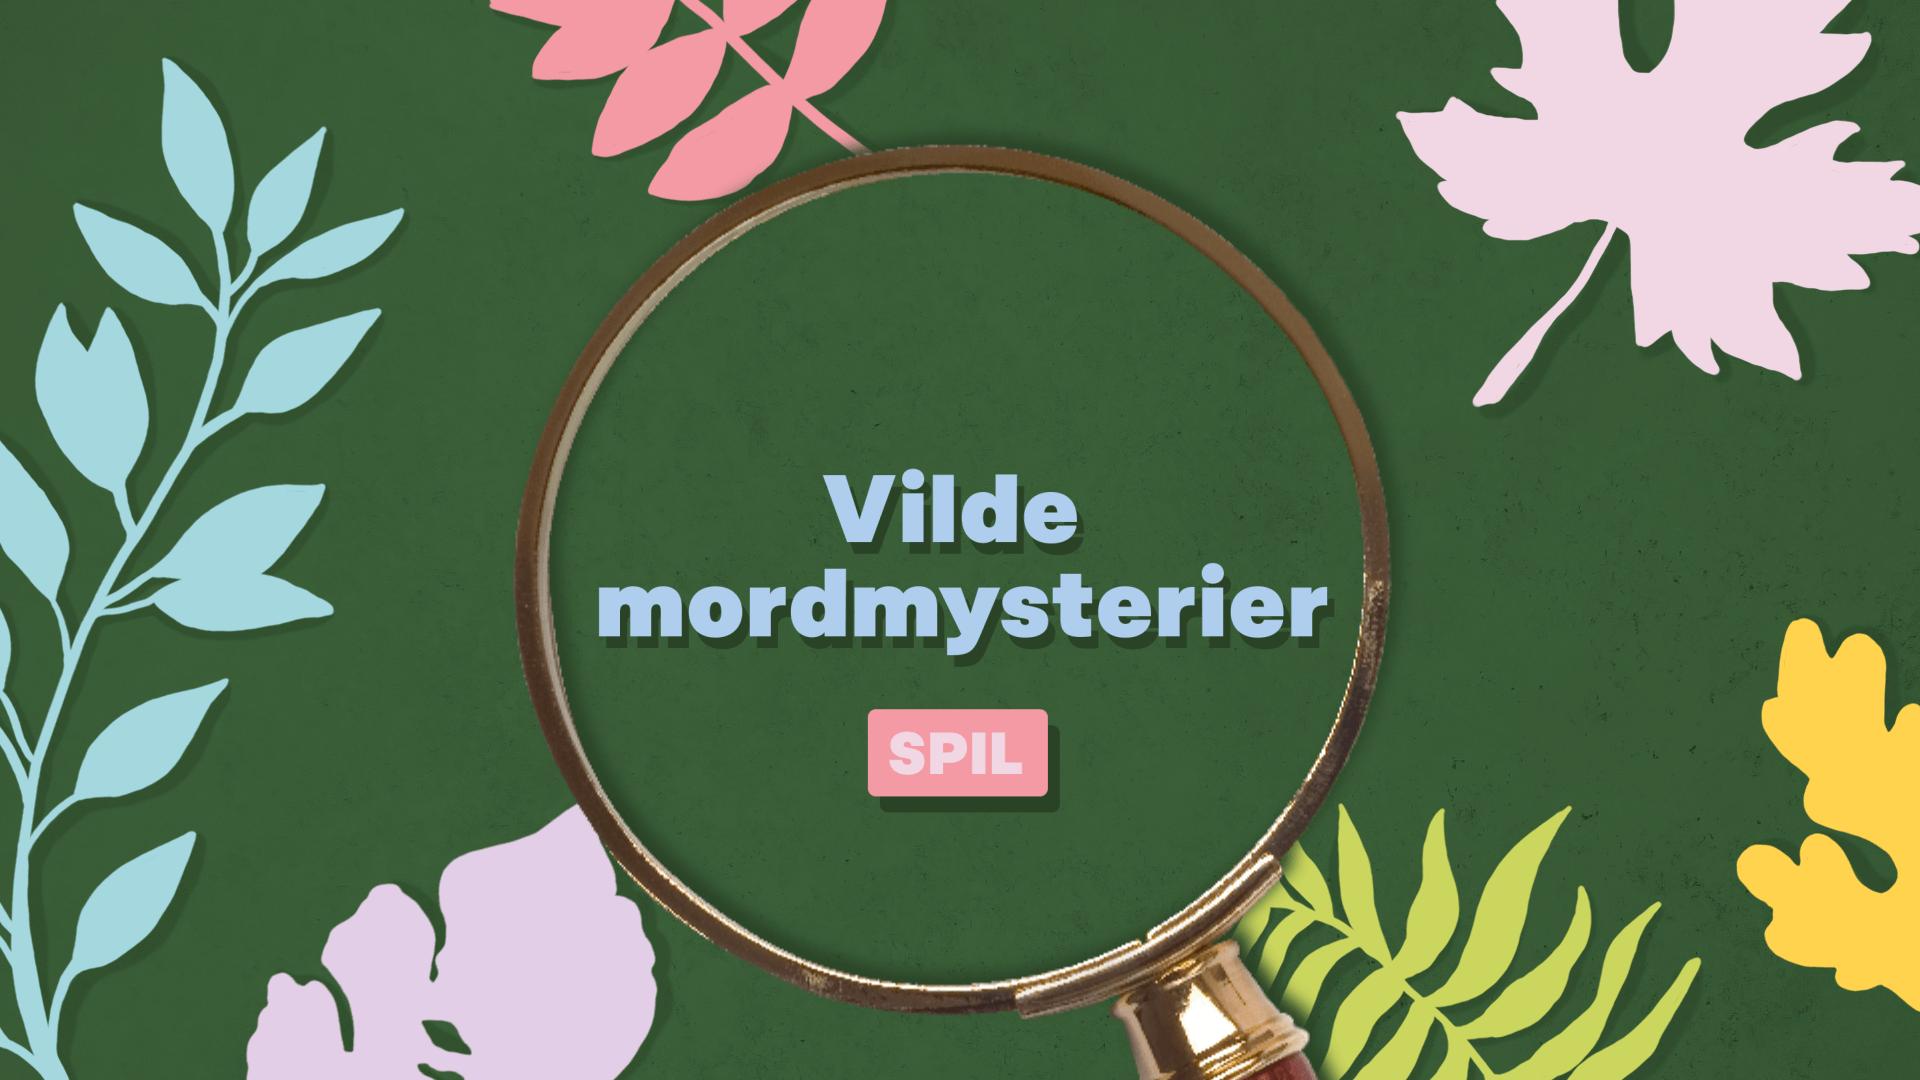 vilde_mordmysterier.png